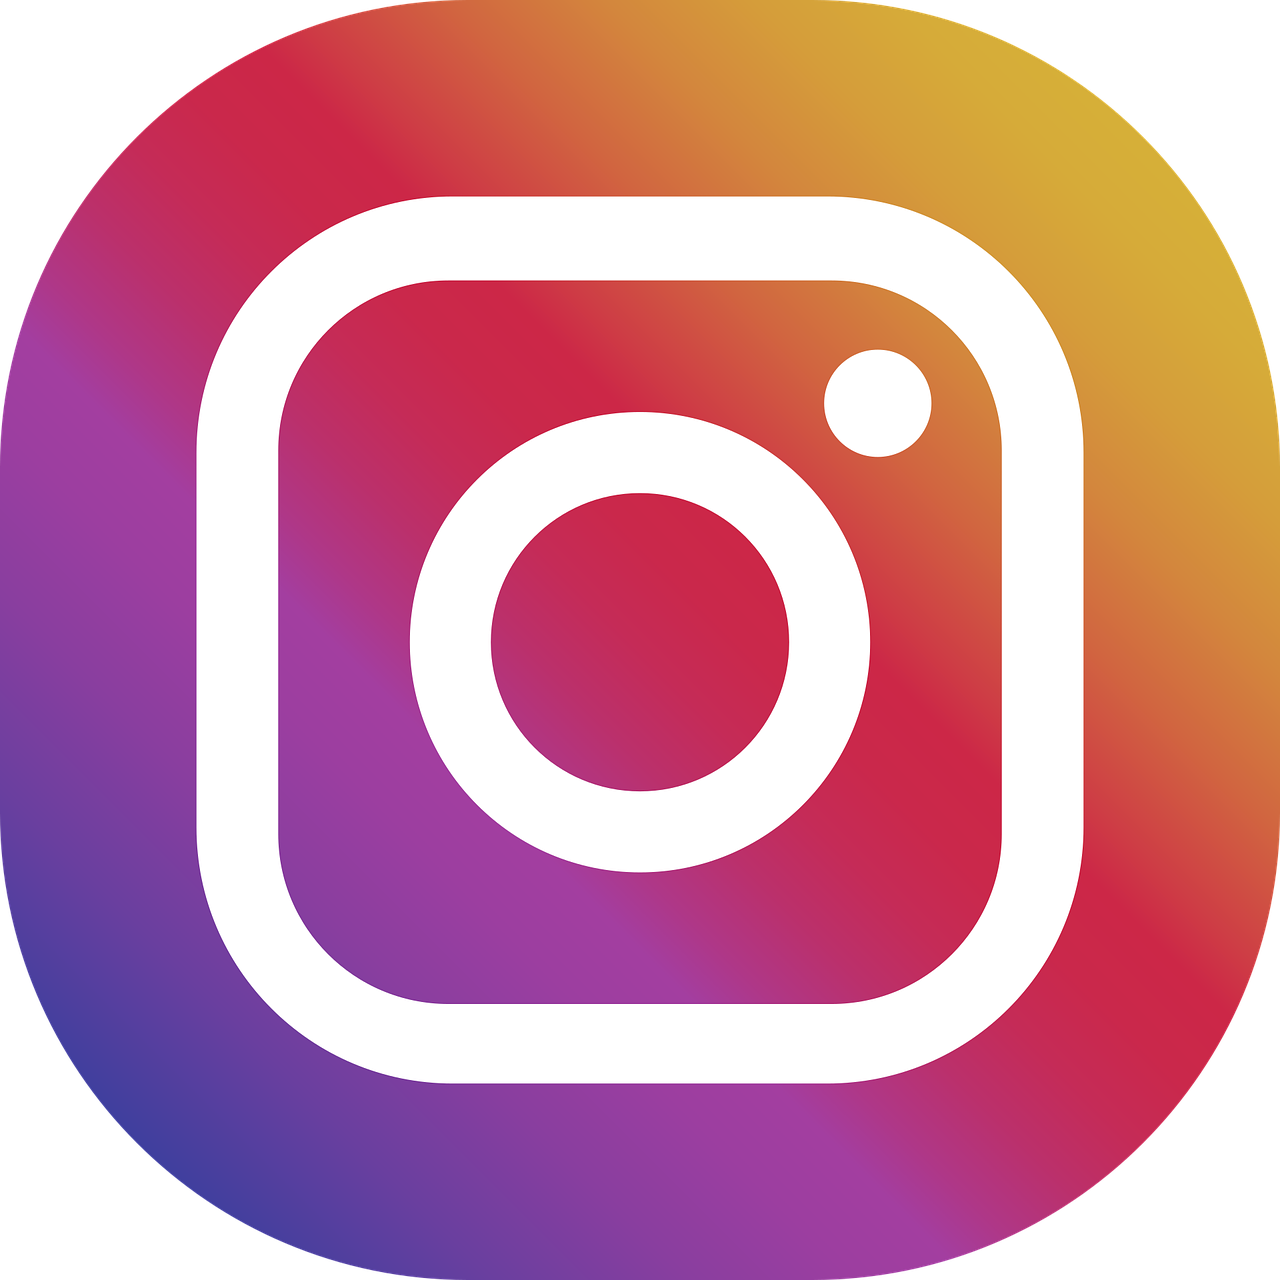 auf Instagram folgen